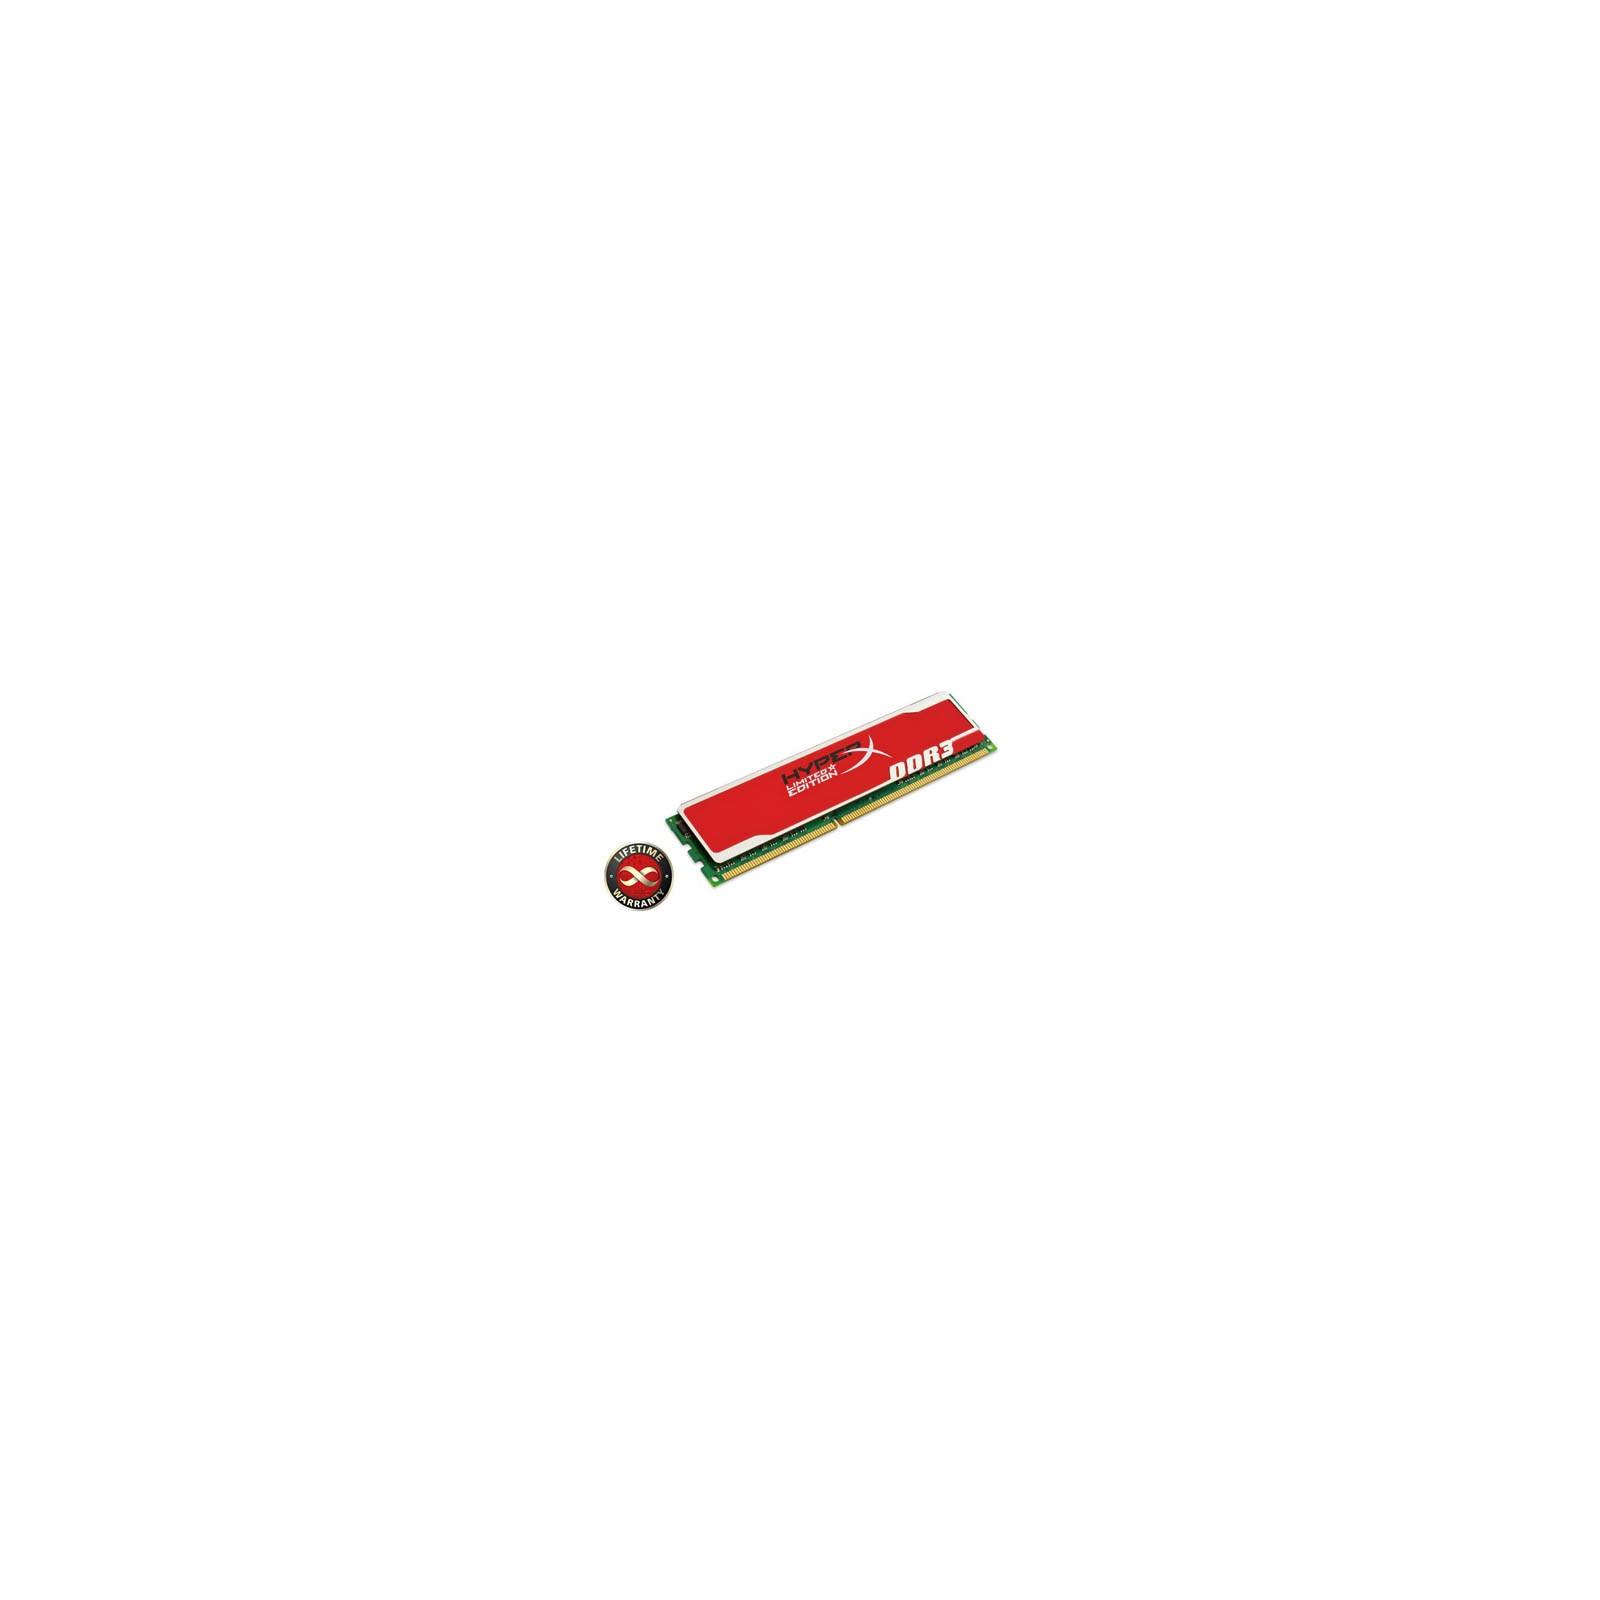 Модуль памяти для компьютера DDR3 4GB 1600 MHz Kingston (KHX16C9B1R/4)